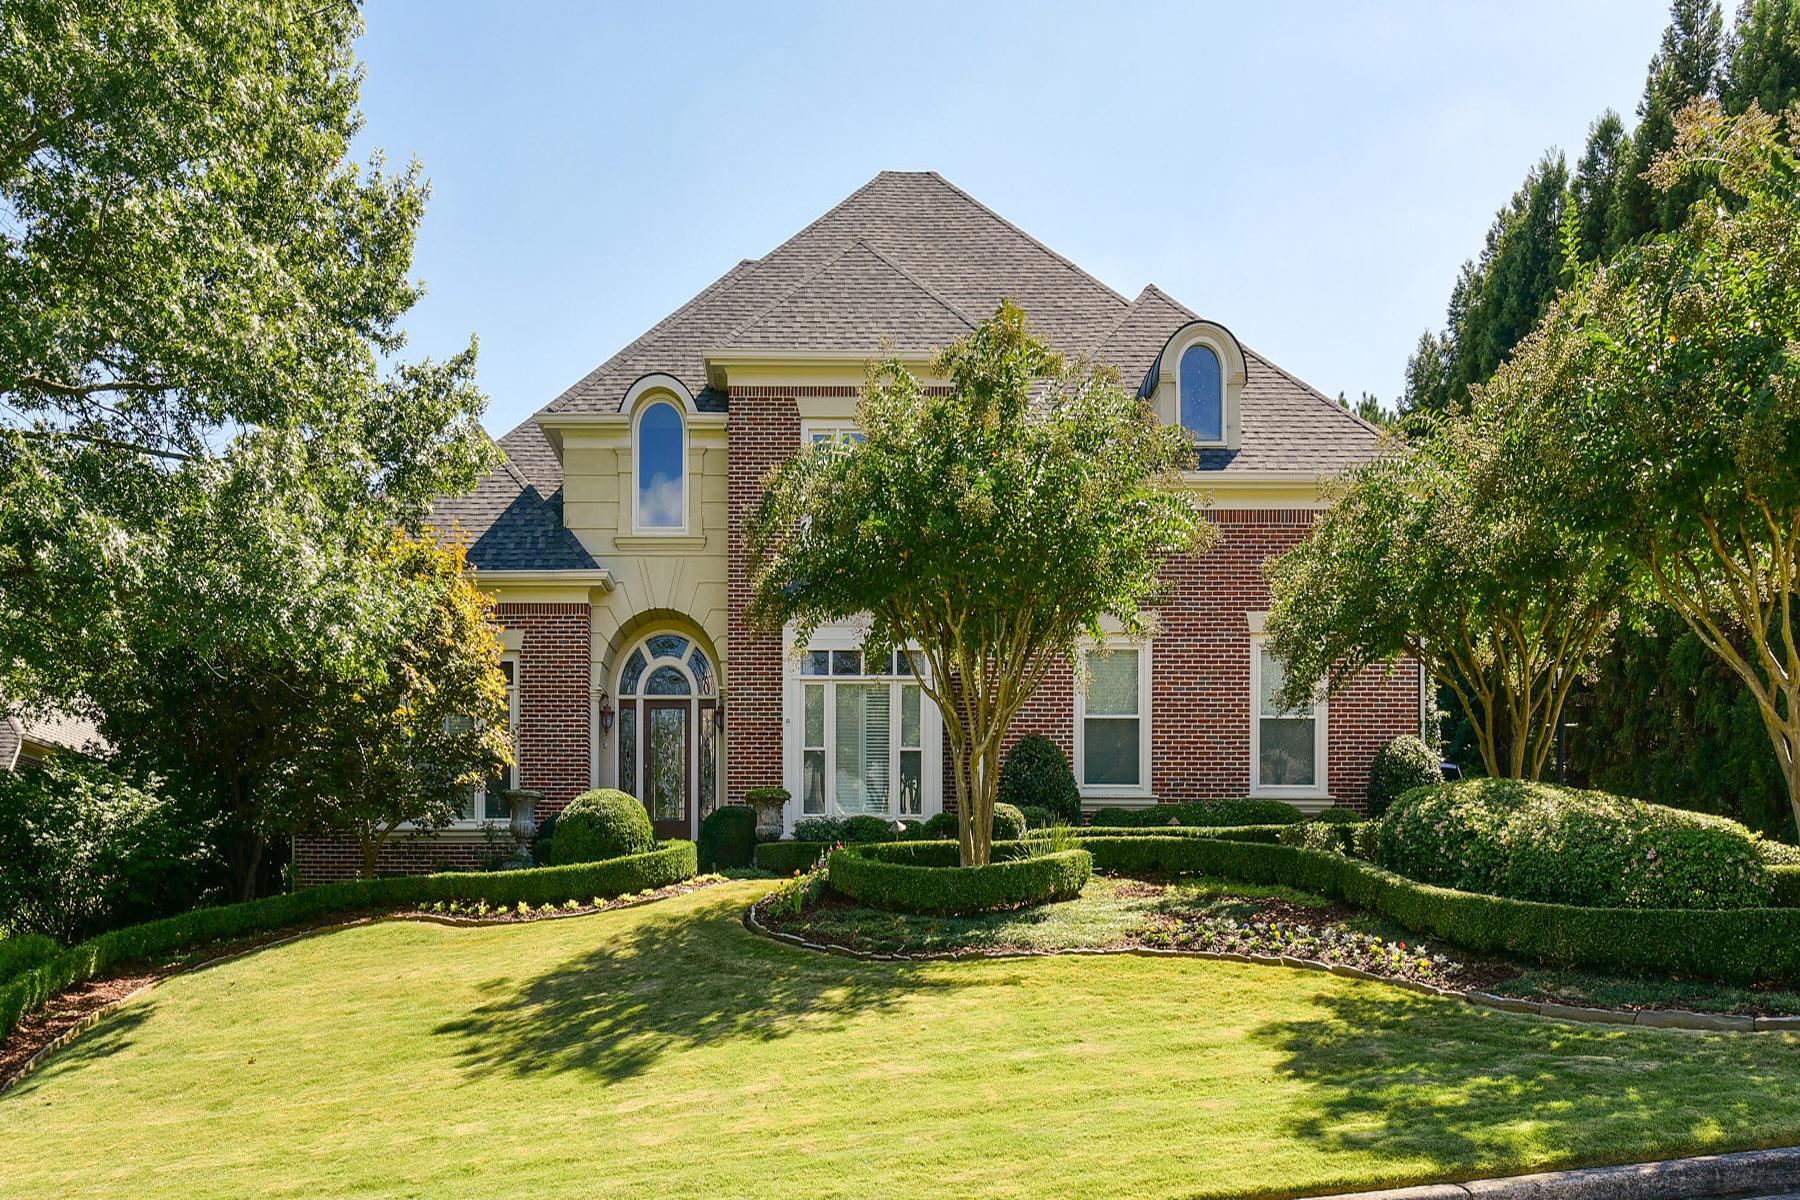 단독 가정 주택 용 매매 에 Elegant, Gracious Home In Premier East Cobb Neighborhood 936 Saint Lyonn Courts Marietta, 조지아, 30068 미국